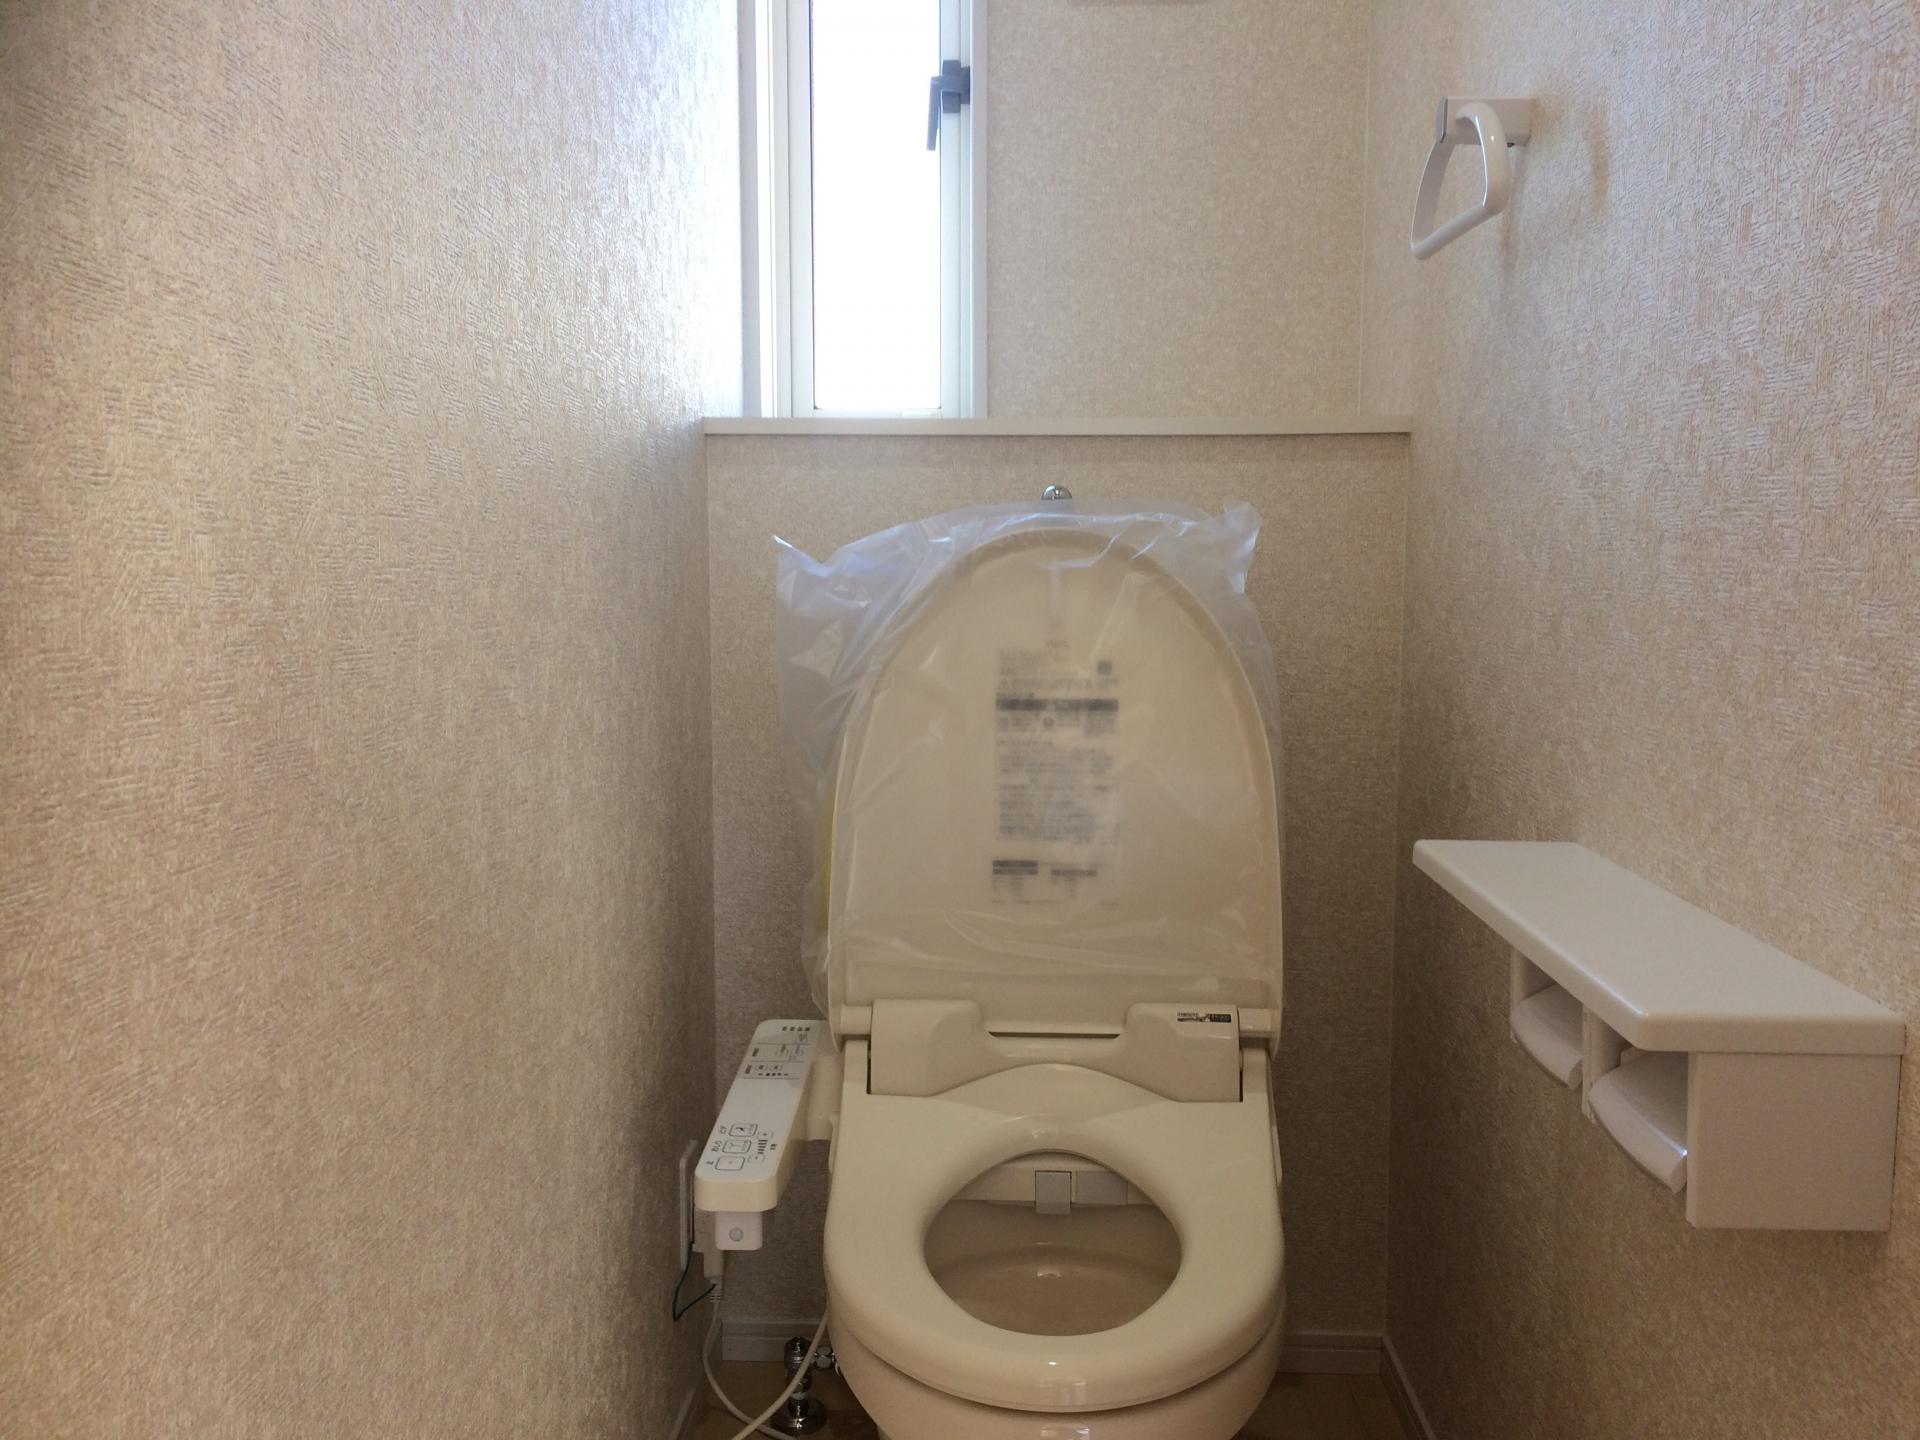 トイレ ウオシュレット